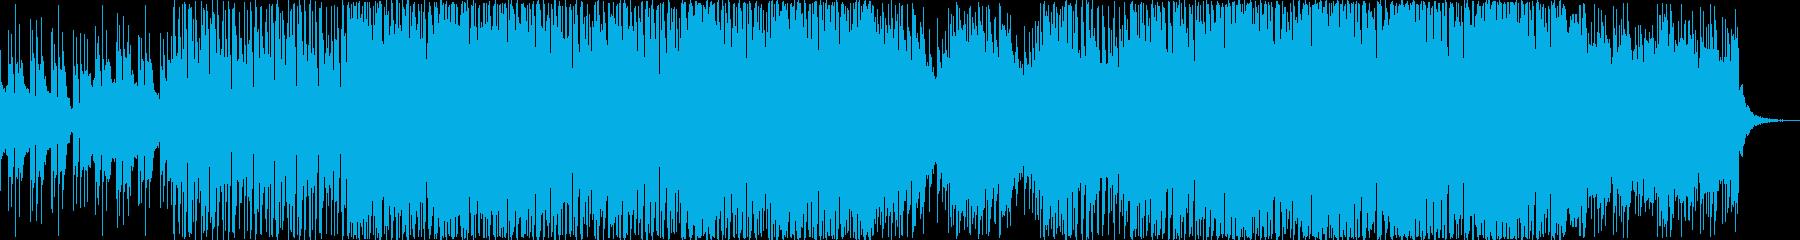 ポップ サスペンス アクション フ...の再生済みの波形